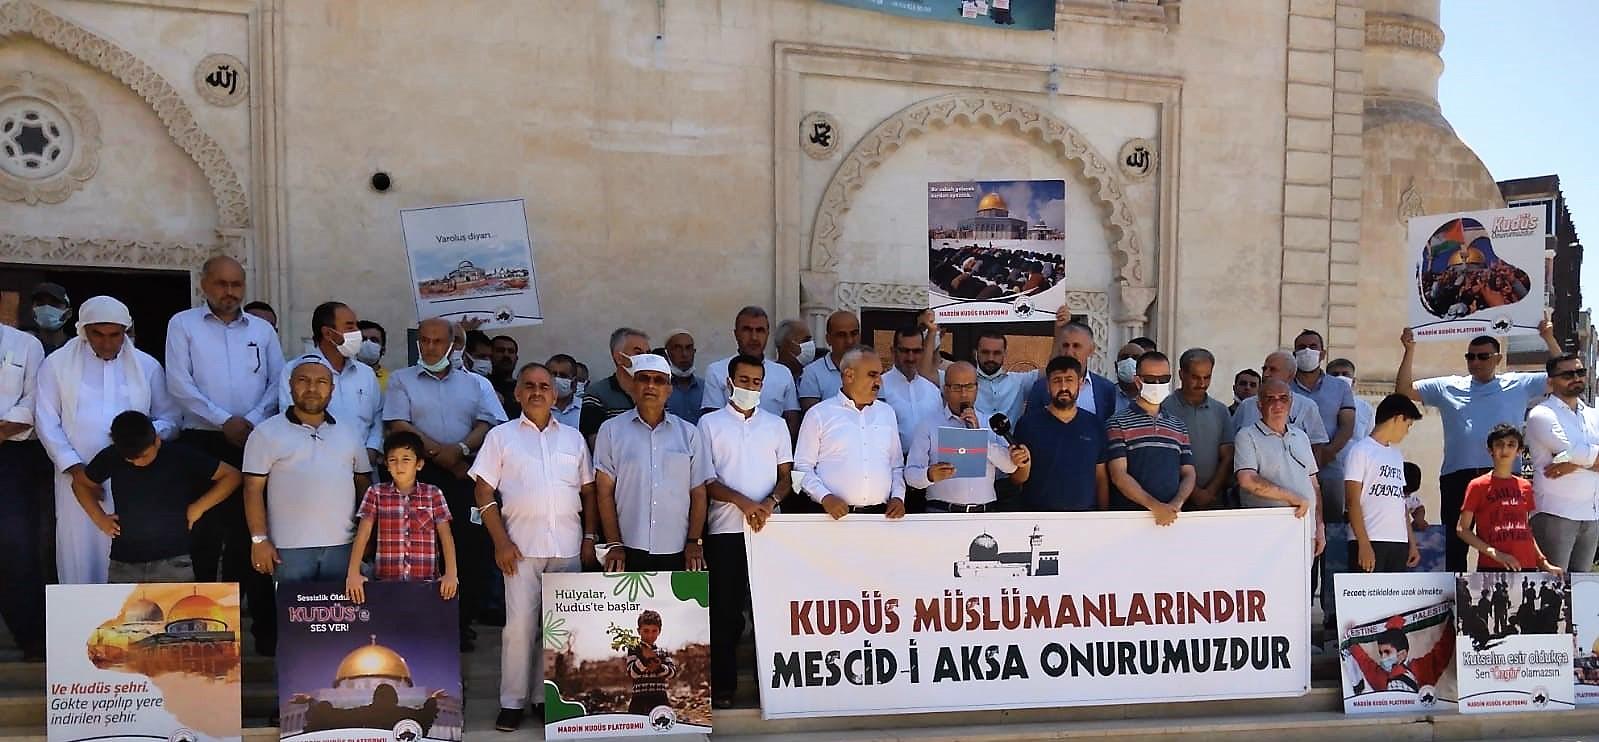 Kudüs Müslümanlarındır, Mescid-i Aksa Onurumuzdur.